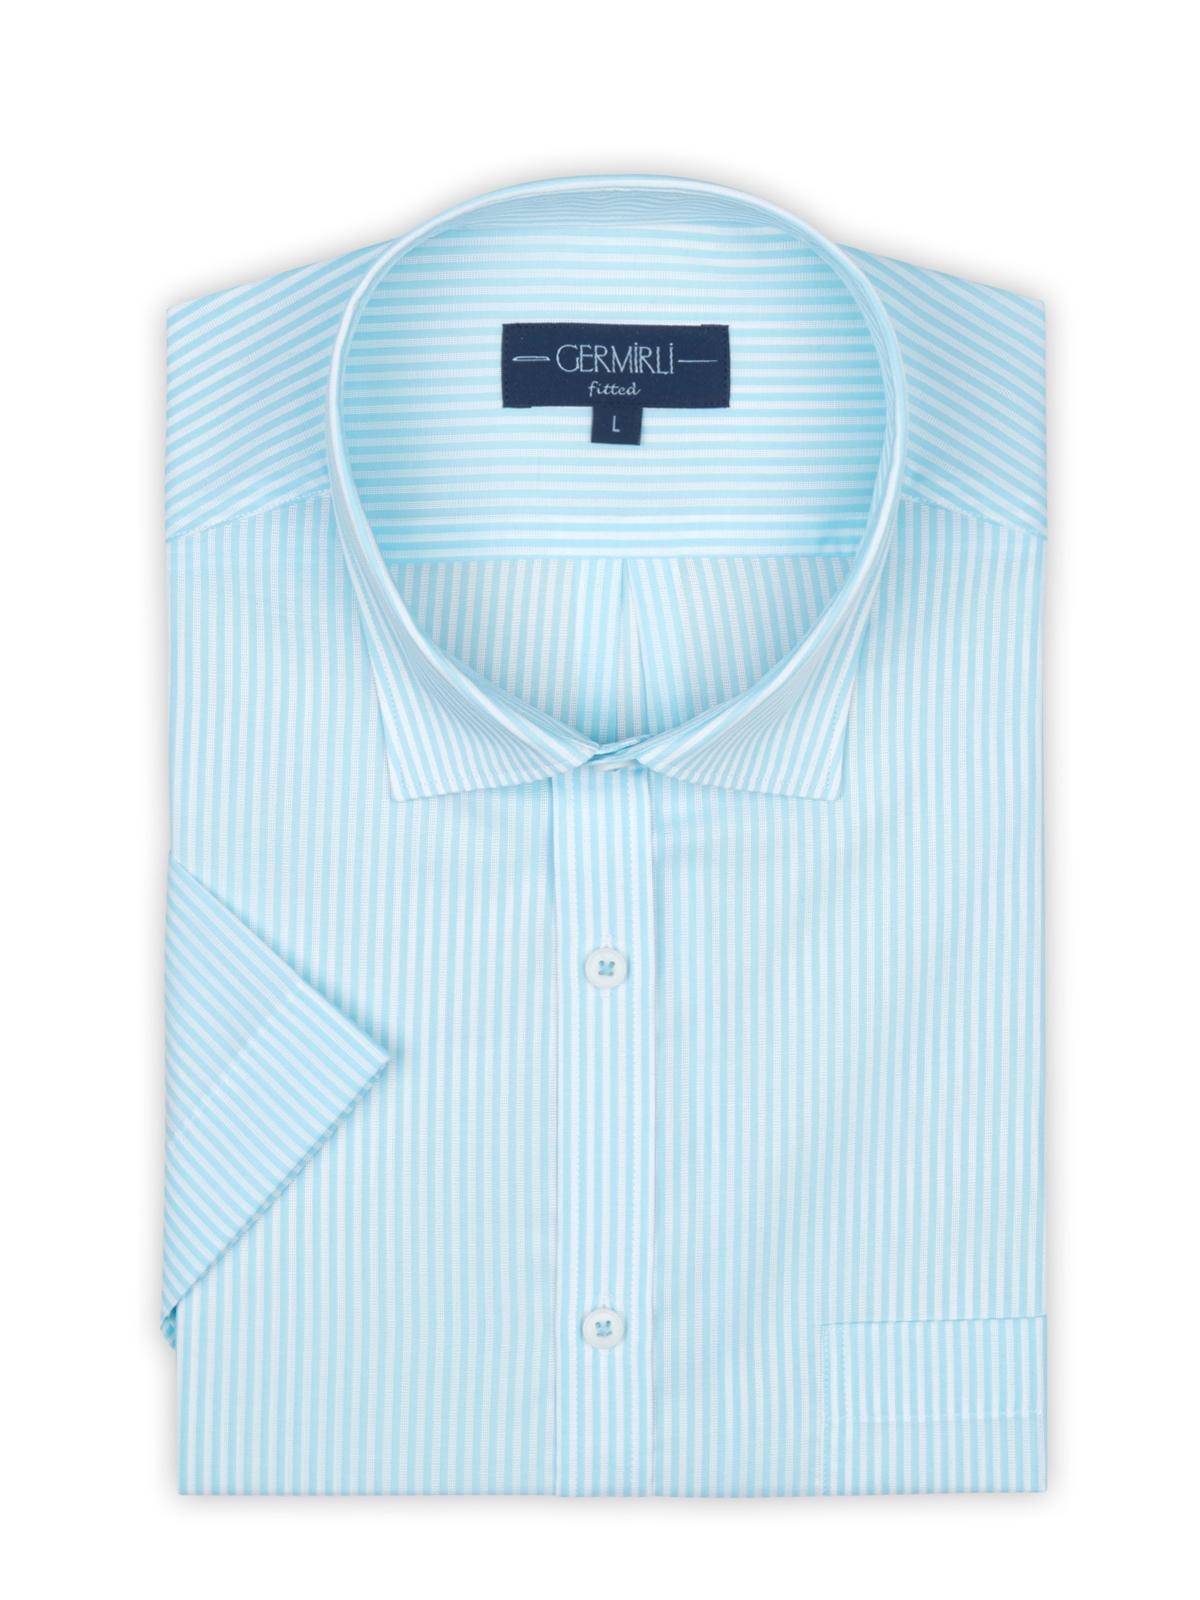 Germirli Turkuaz Beyaz Çizgili Kısa Kollu Klasik Yaka Cepli Tailor Fit Gömlek